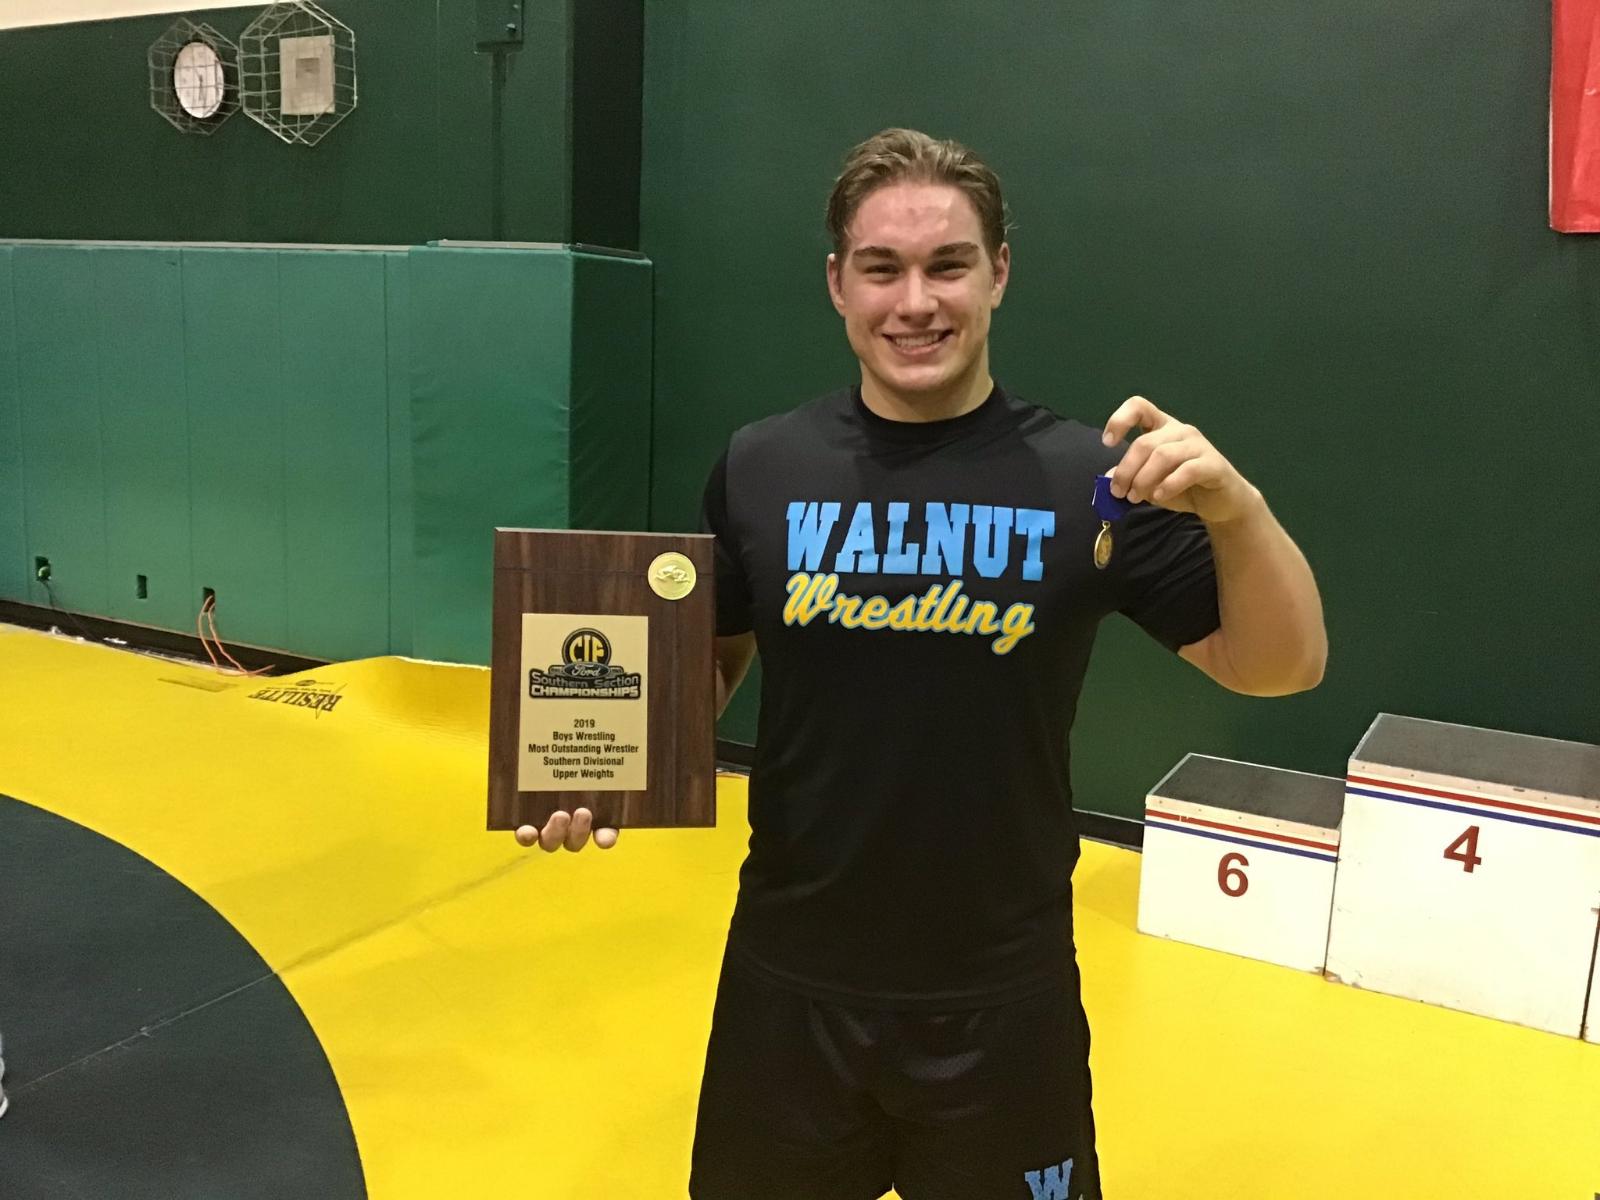 Billy Von Goeben Wins CIF-SS Wresting Championship